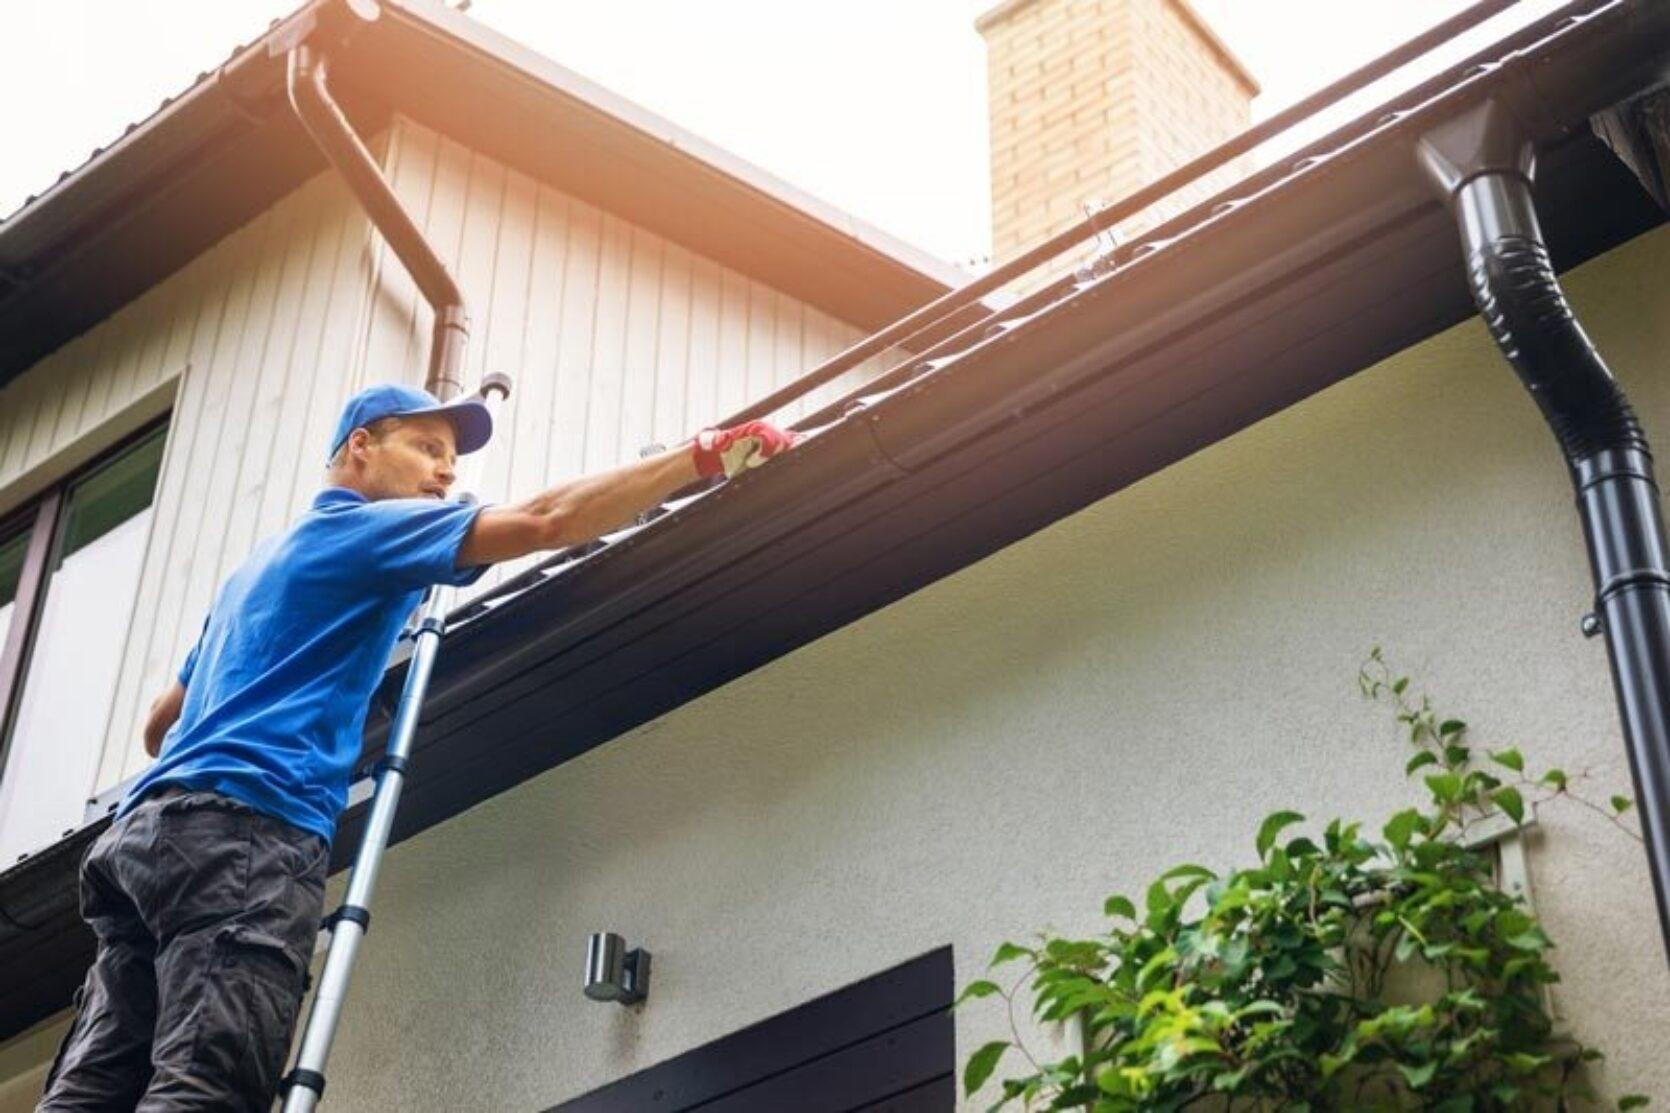 Mann i blå caps og t-skjorte står i stige og renser takrenne på en bolig med hvit kledning.